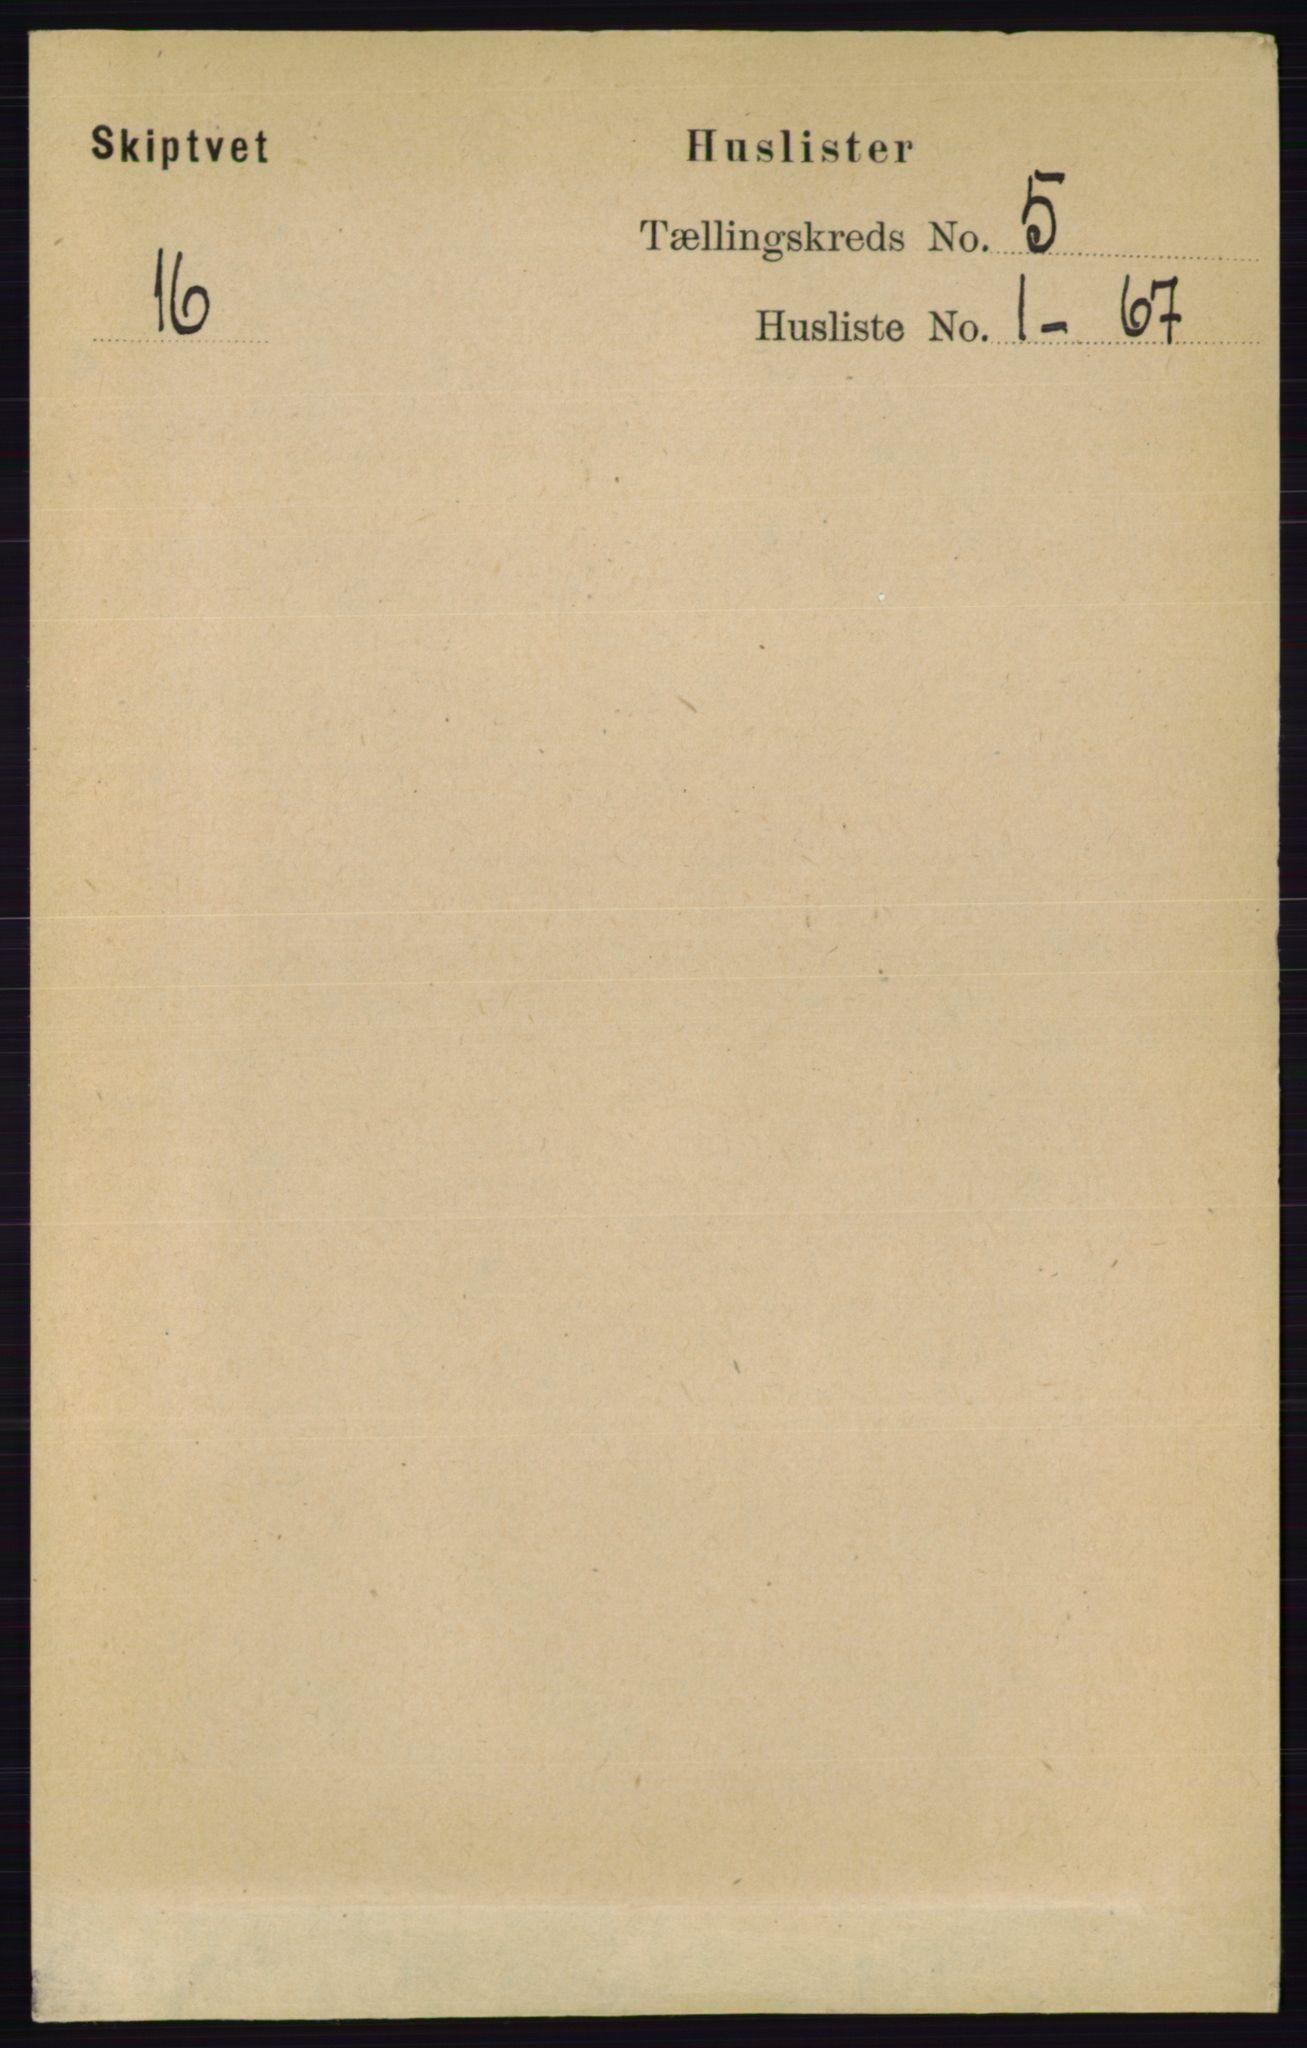 RA, Folketelling 1891 for 0127 Skiptvet herred, 1891, s. 2574